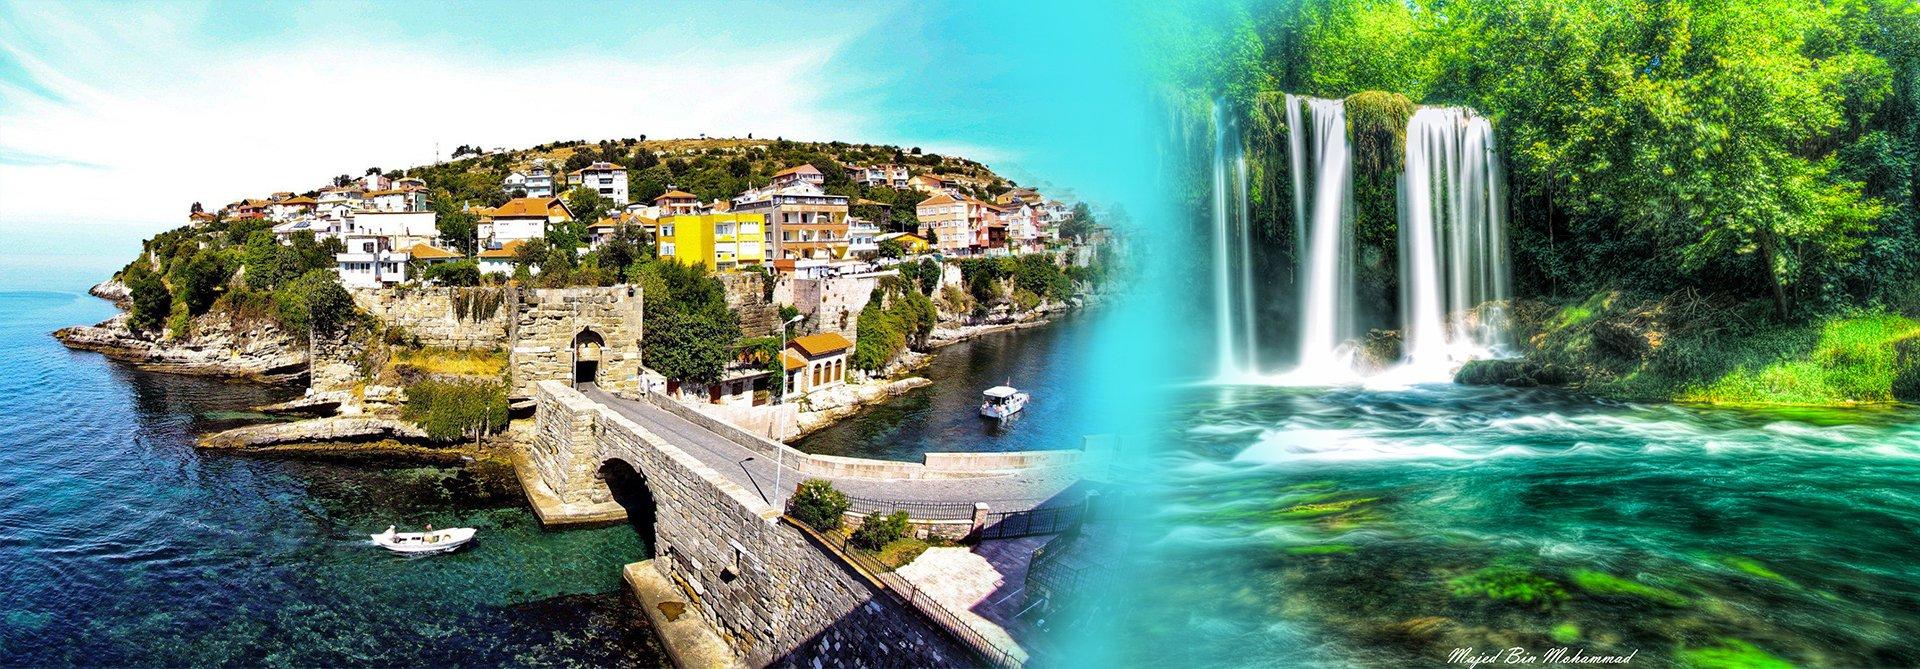 جمال الطبيعة في تركيا